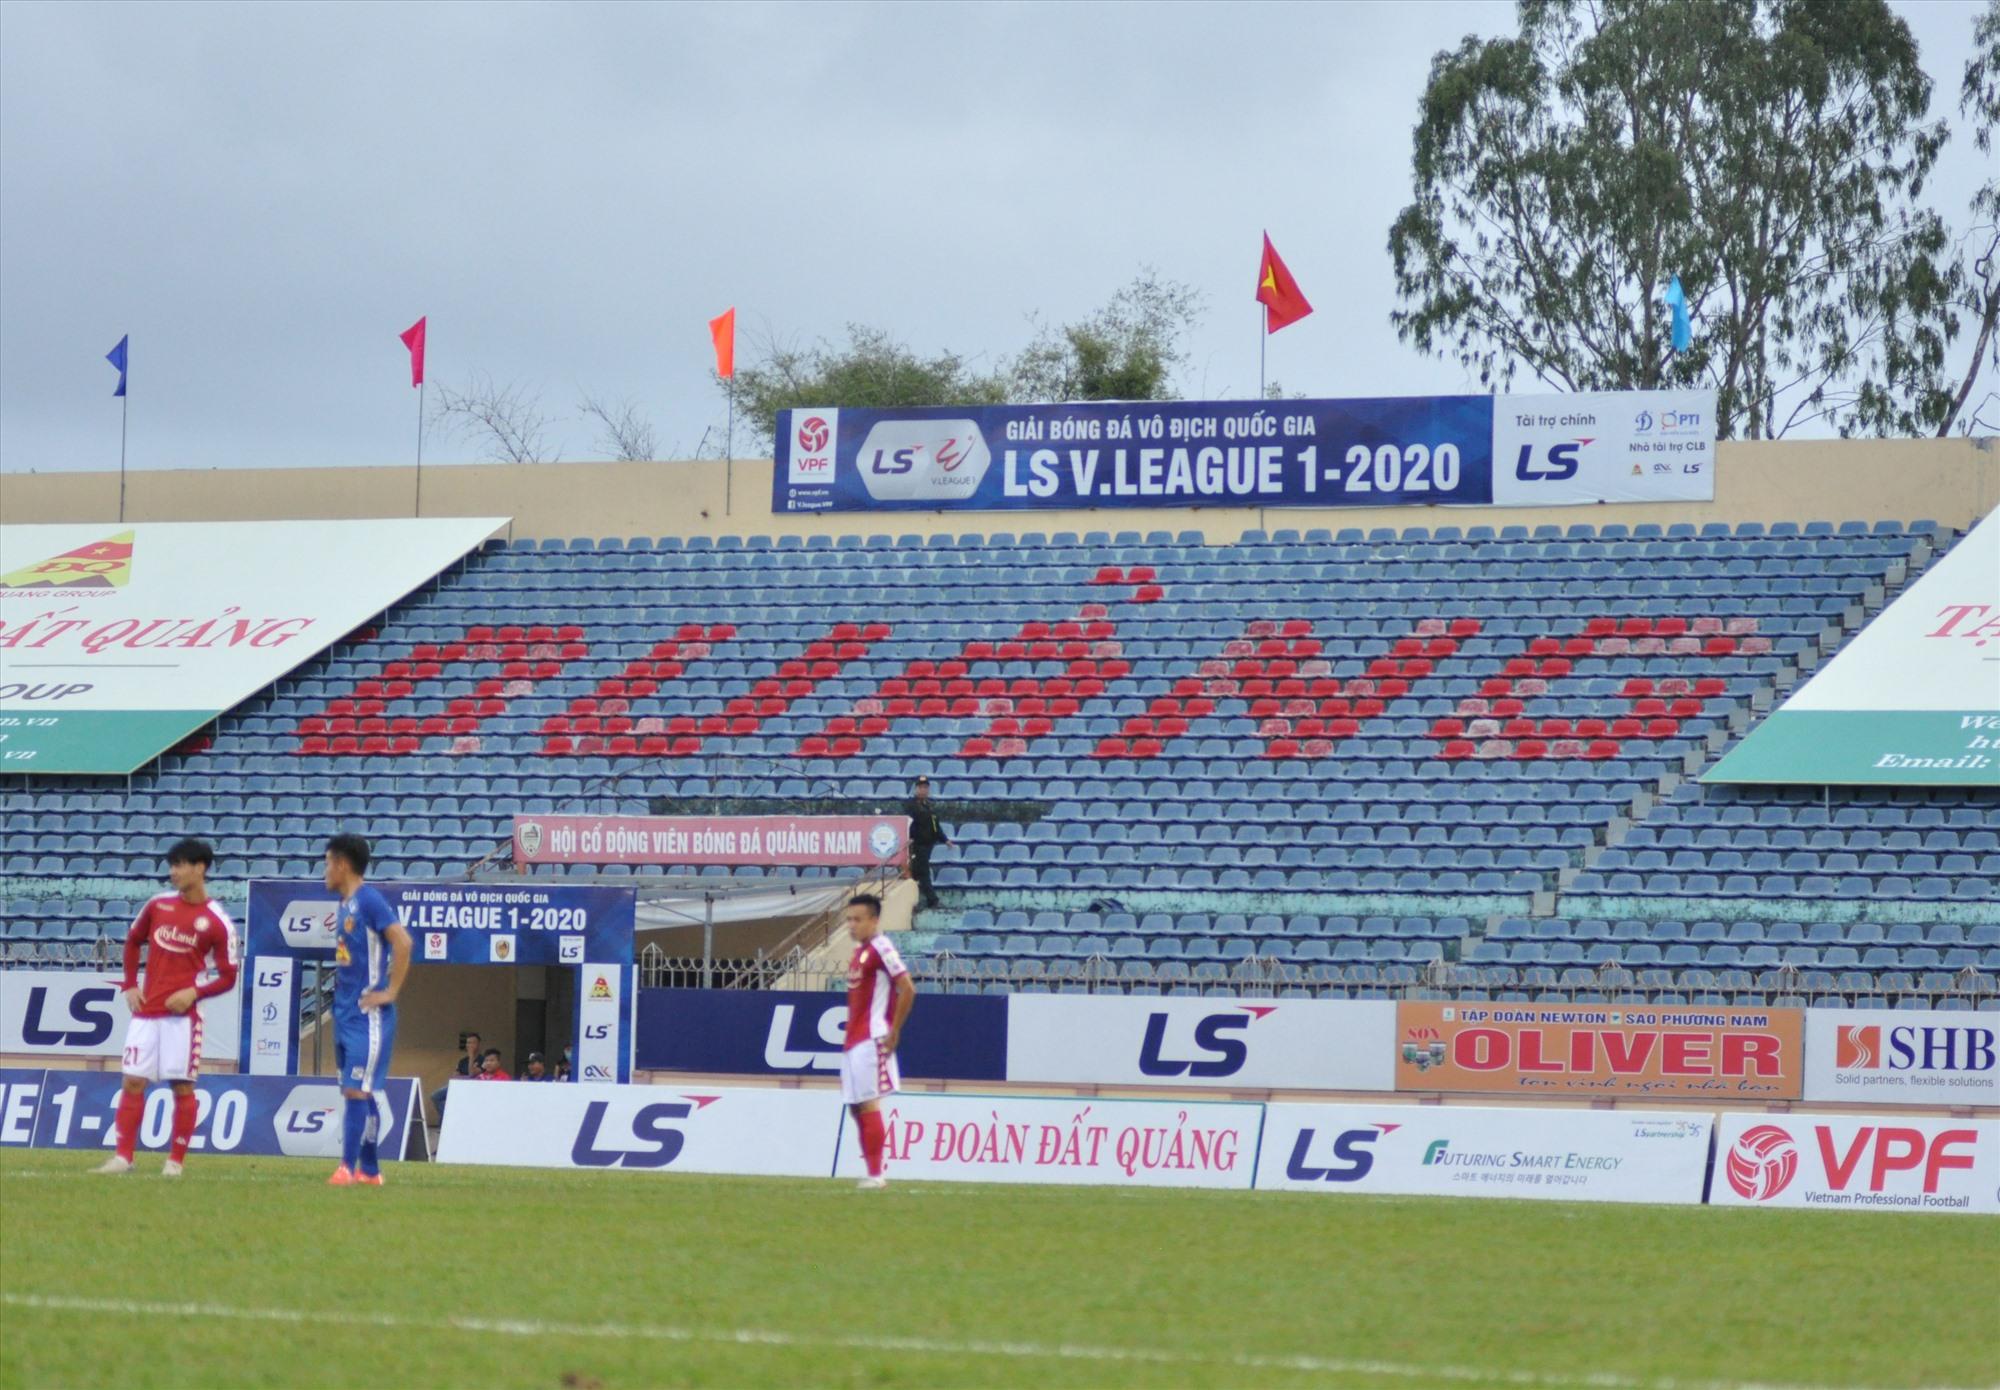 Hai vòng đầu tiên của V-League 2020 không có khán giả song sắp tới sẽ khác khi dịch Covid-19 đã được kiểm soát trên cả nước. Ảnh:A.S